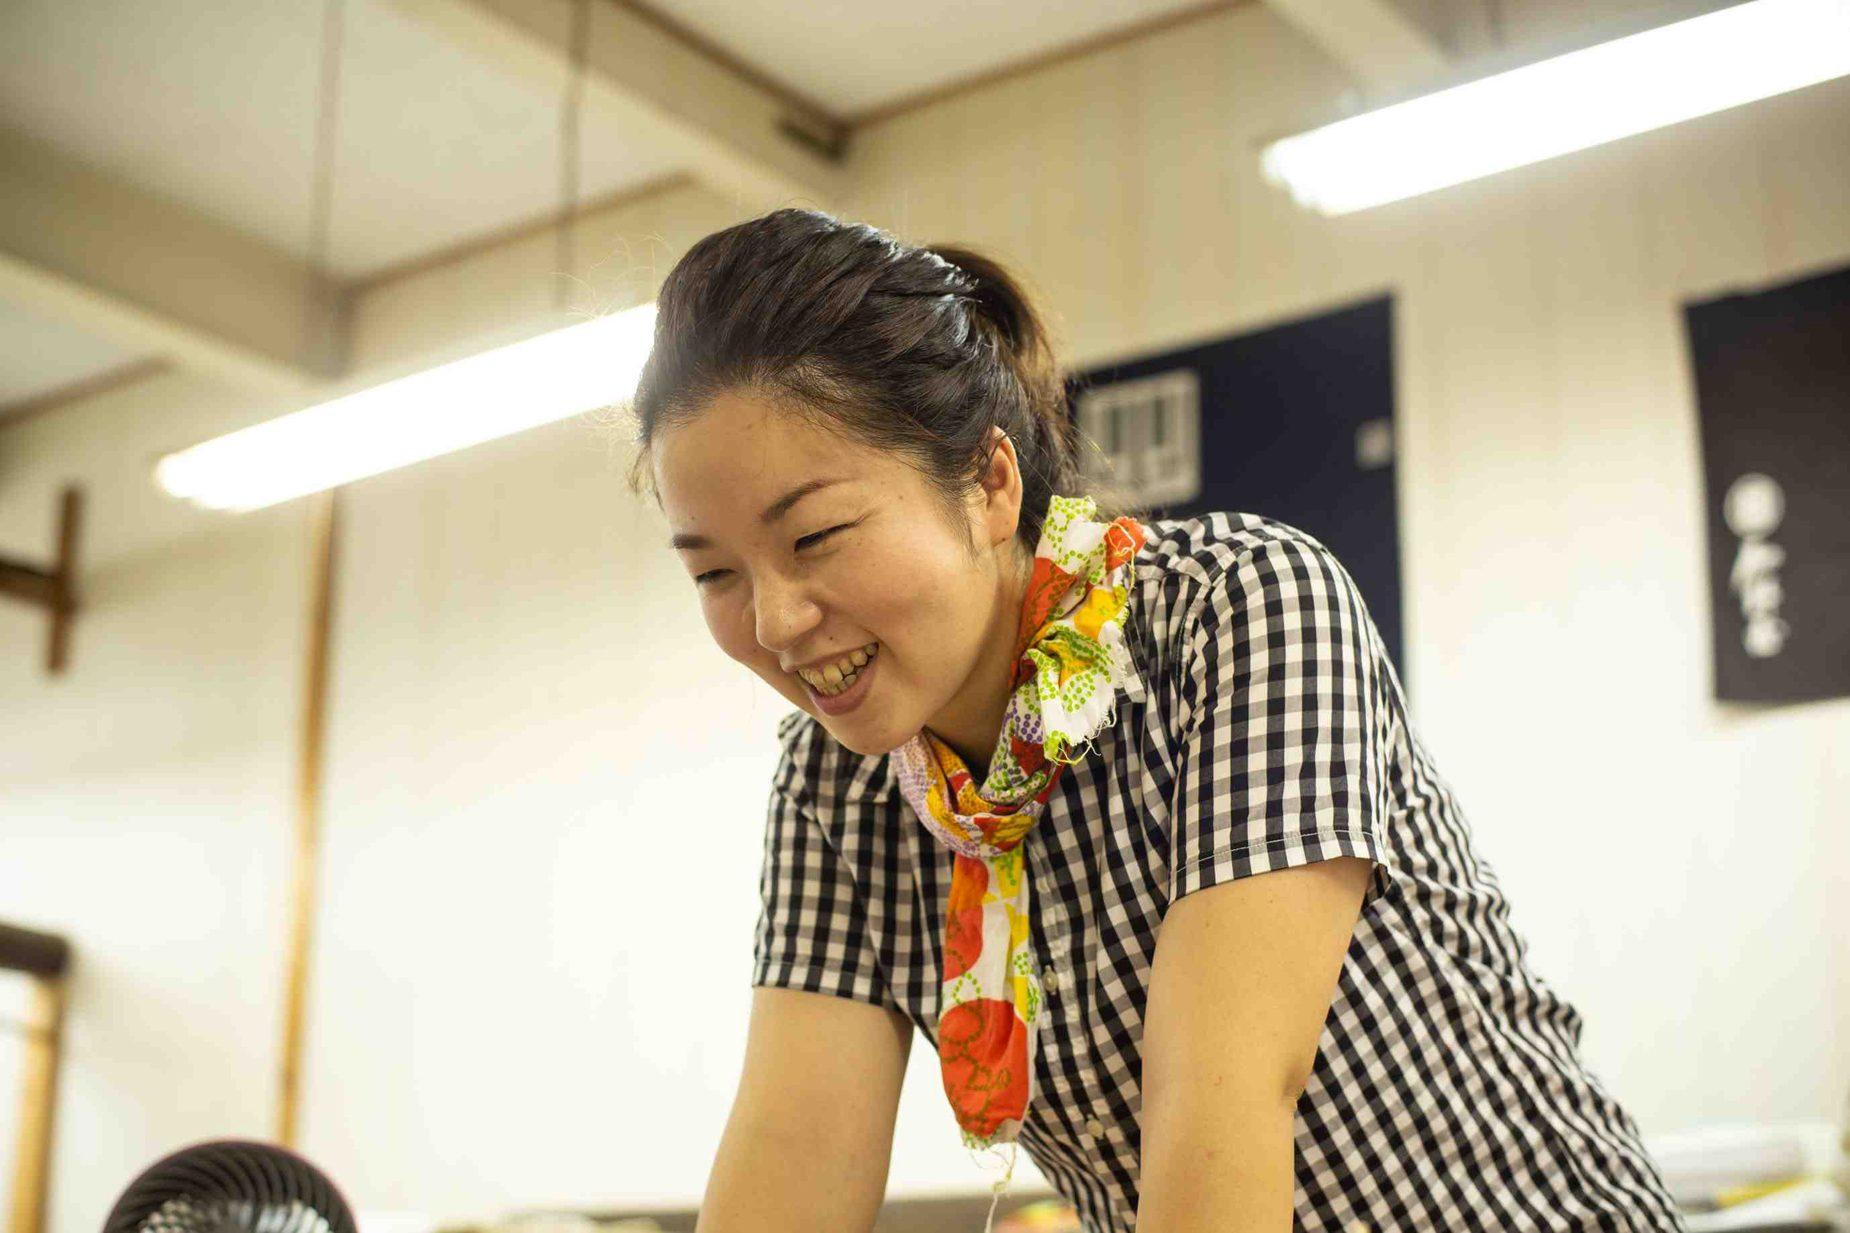 山元染工場で働きはじめて10年。5歳と3歳の2児の母でもある山元さんは、職人としても、女性としてもとてもかっこいい。